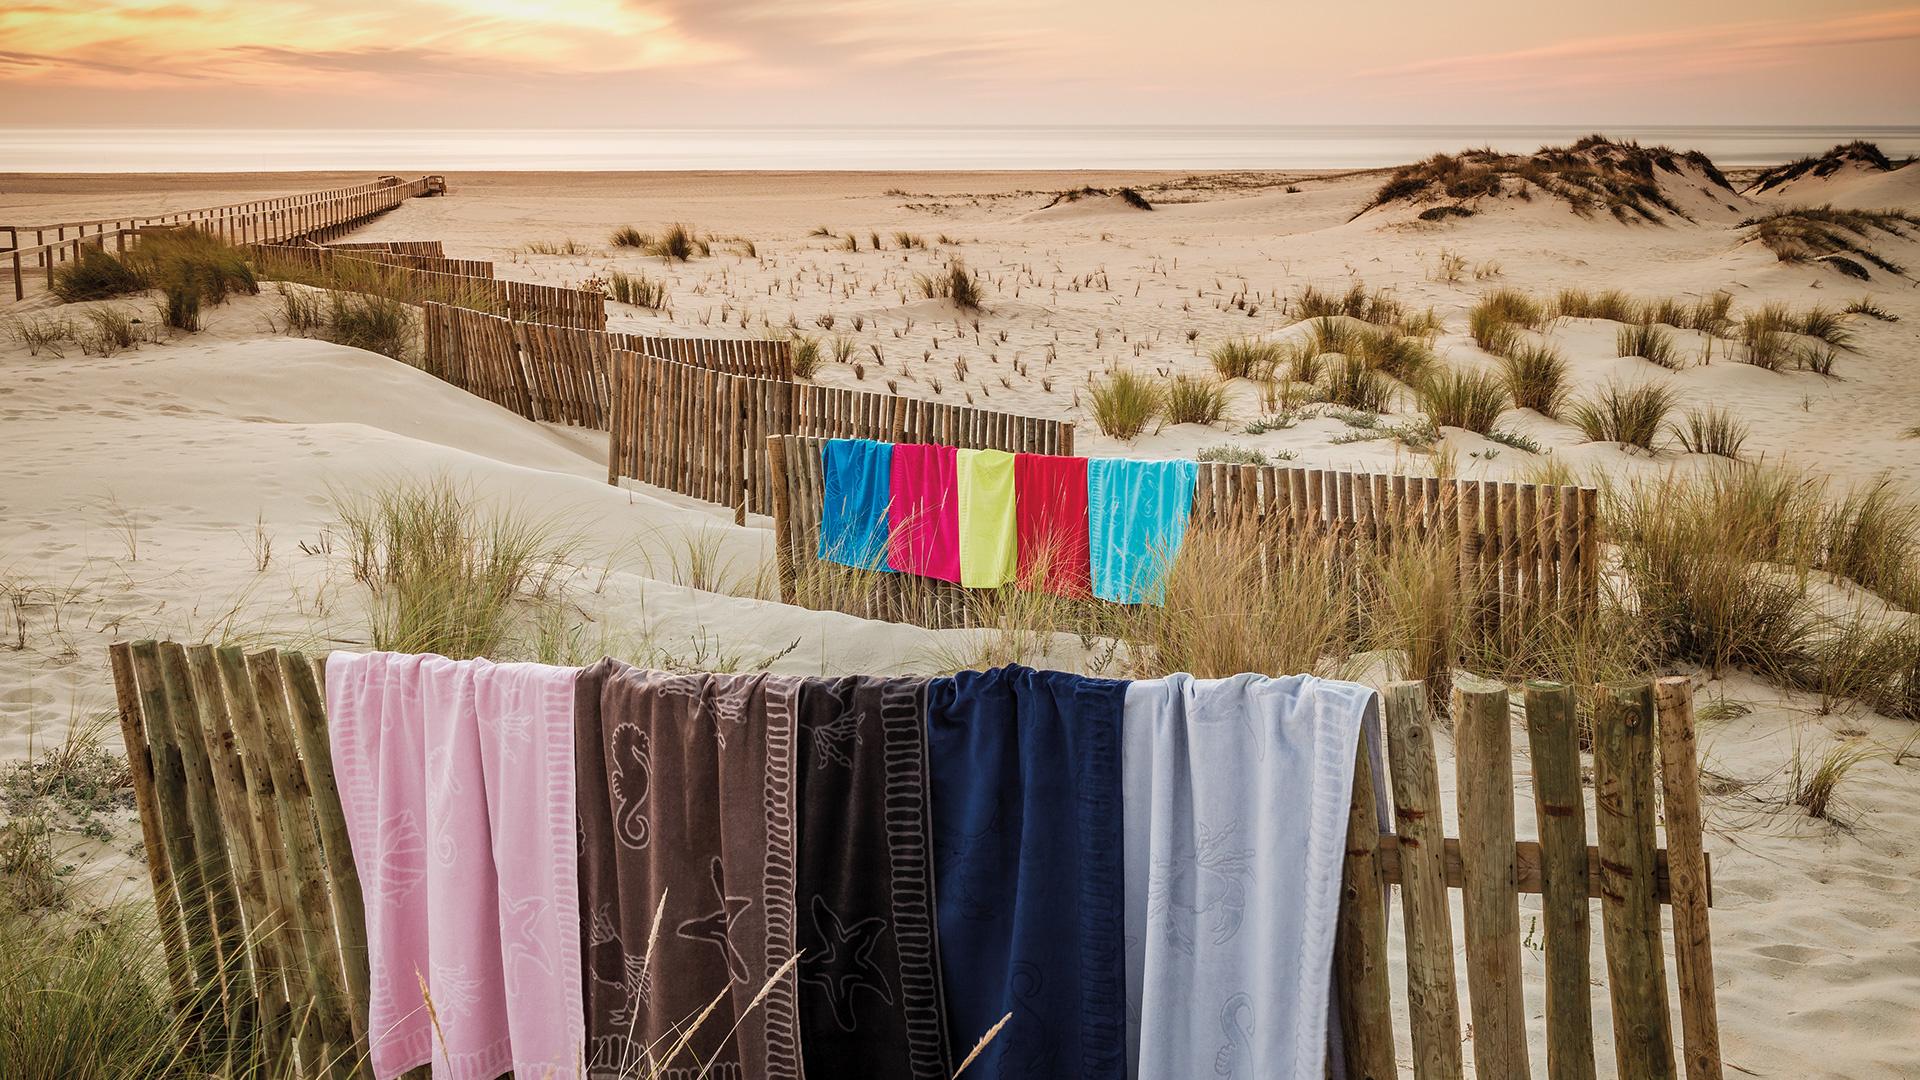 5x de mooiste strandlakens voor de zomervakantie!